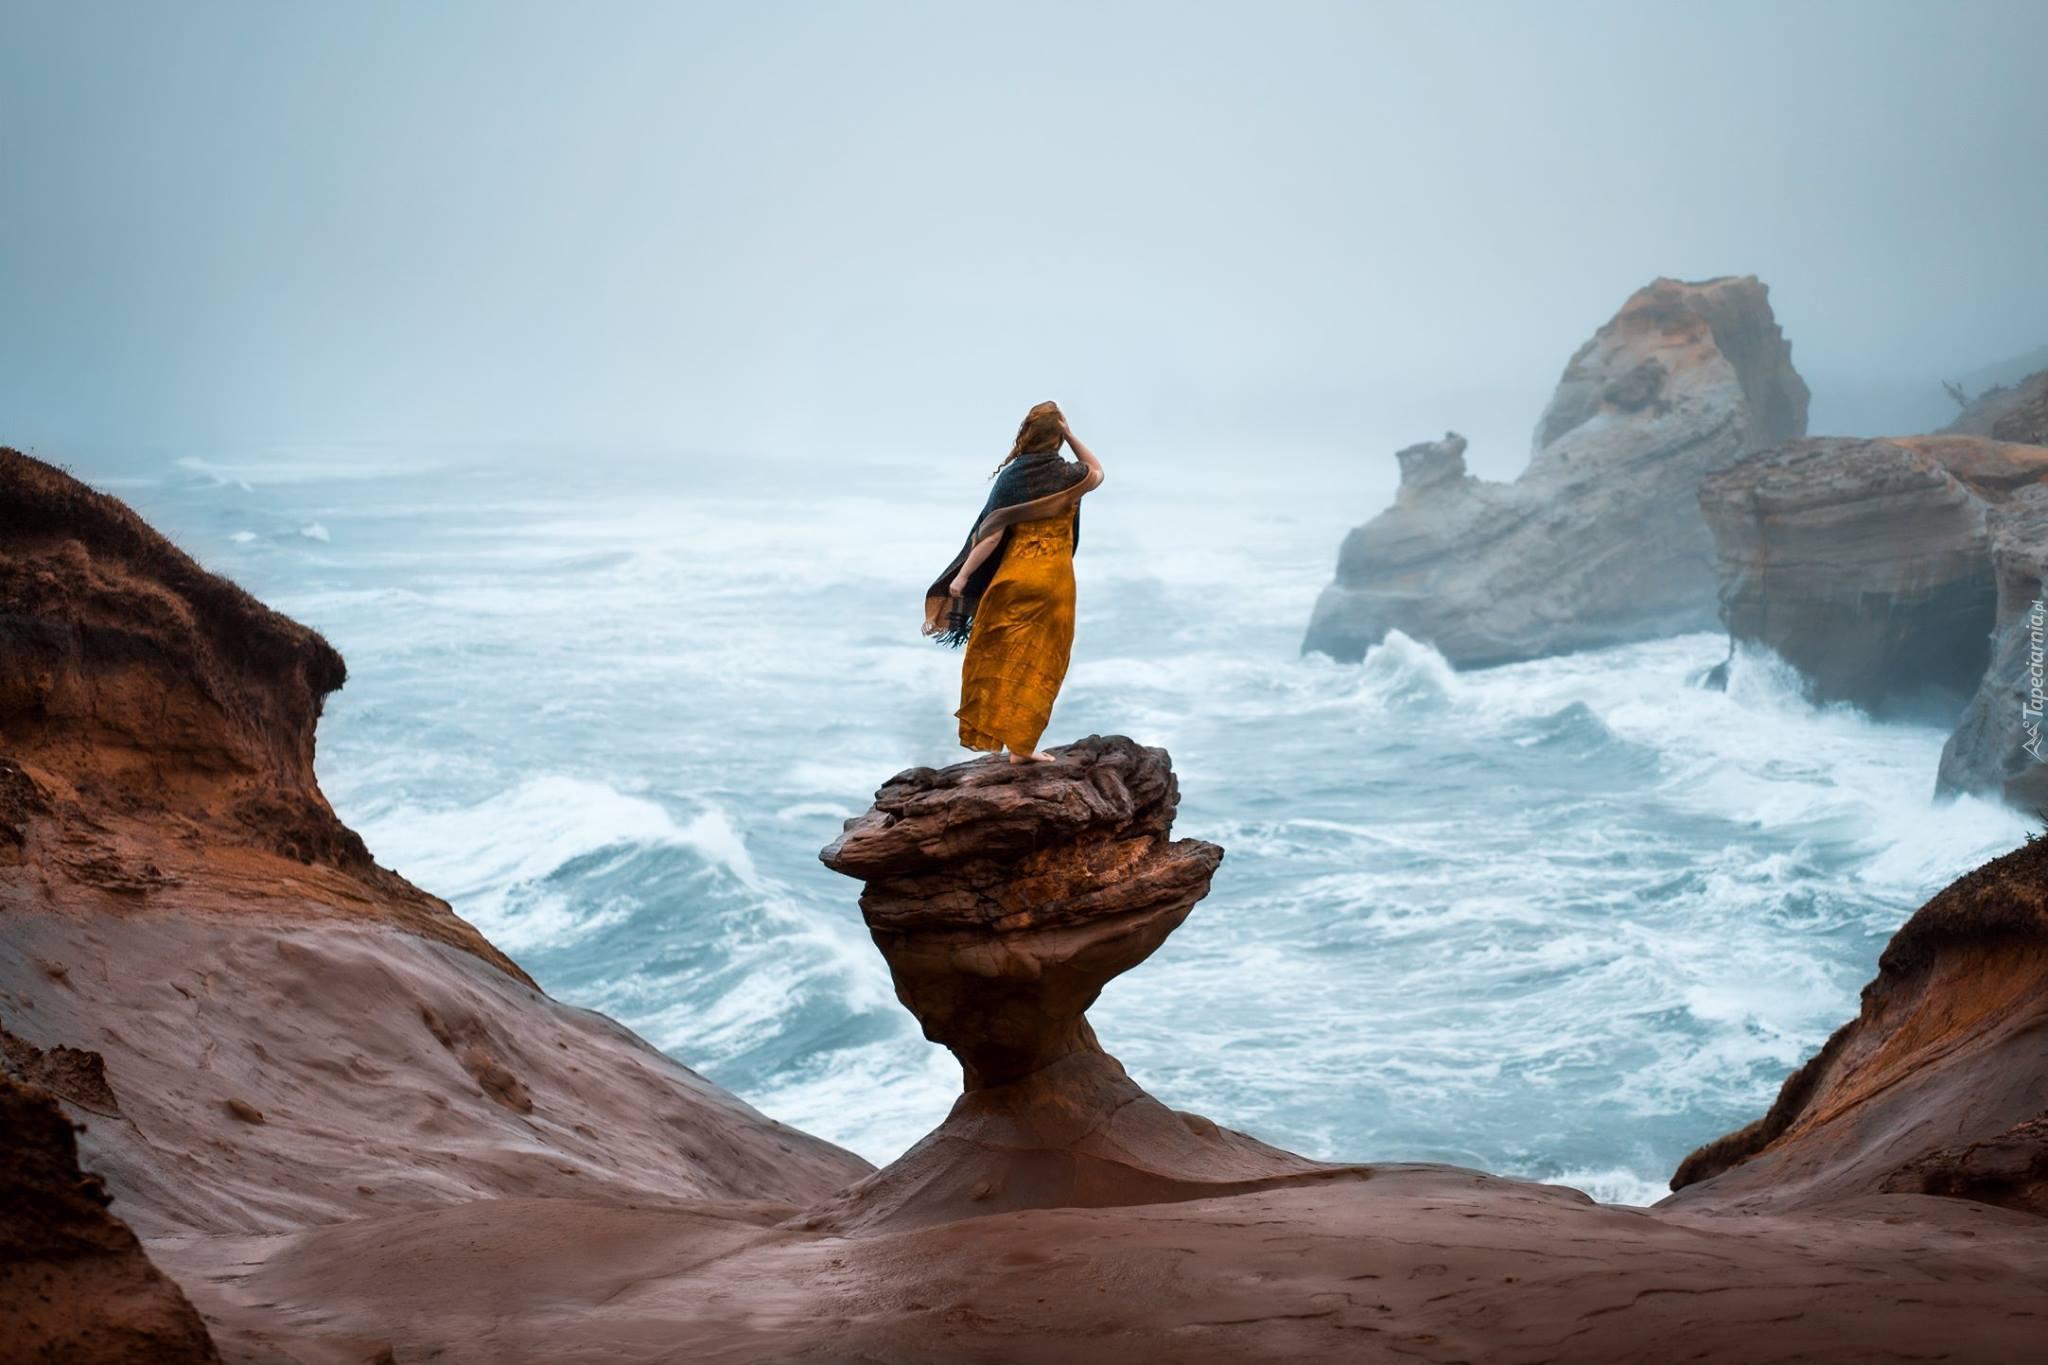 Kobieta na skale zapatrzona w morze